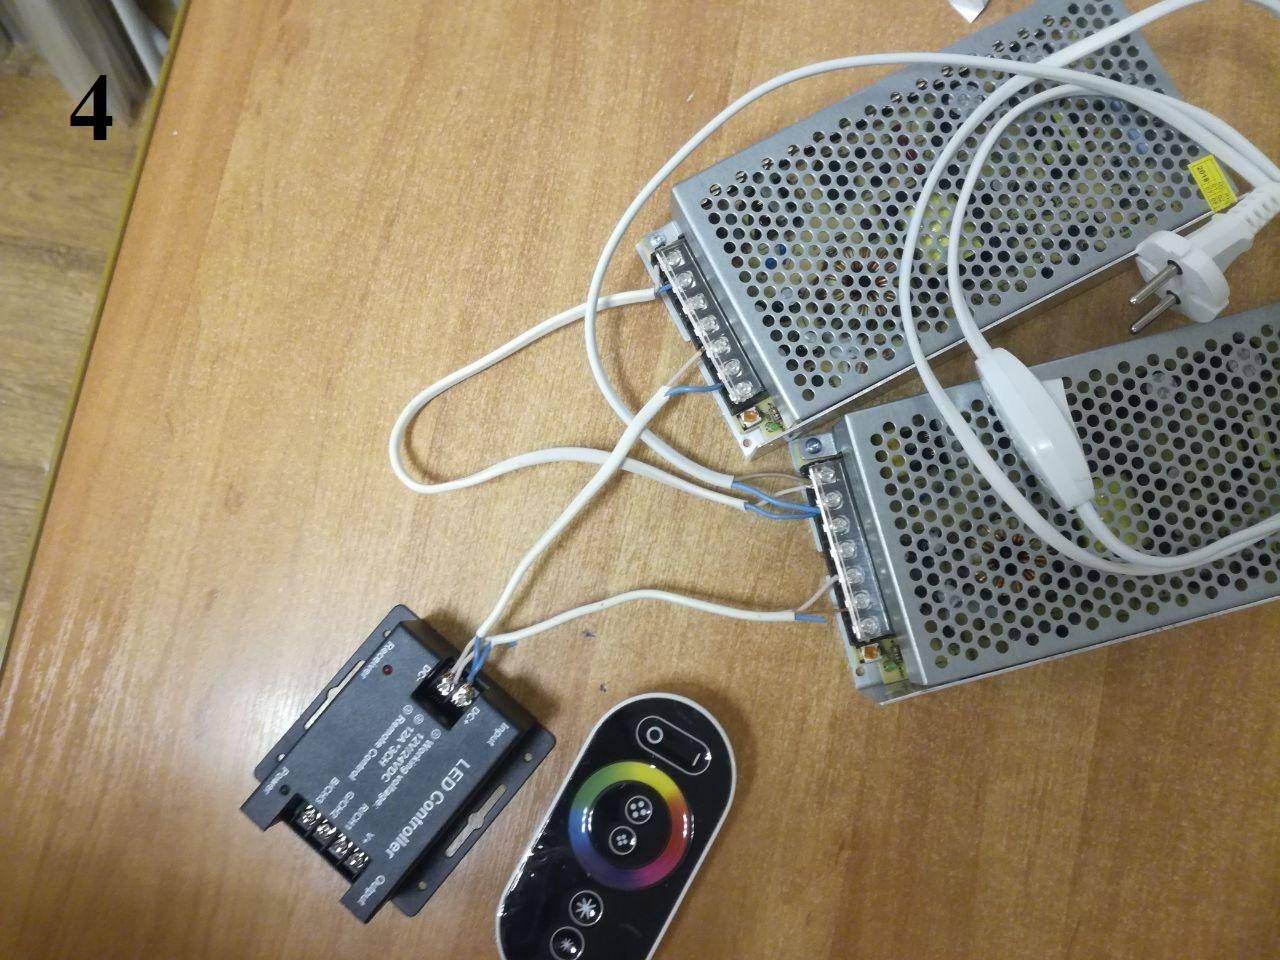 4. Оба блока подключены к контроллеру.